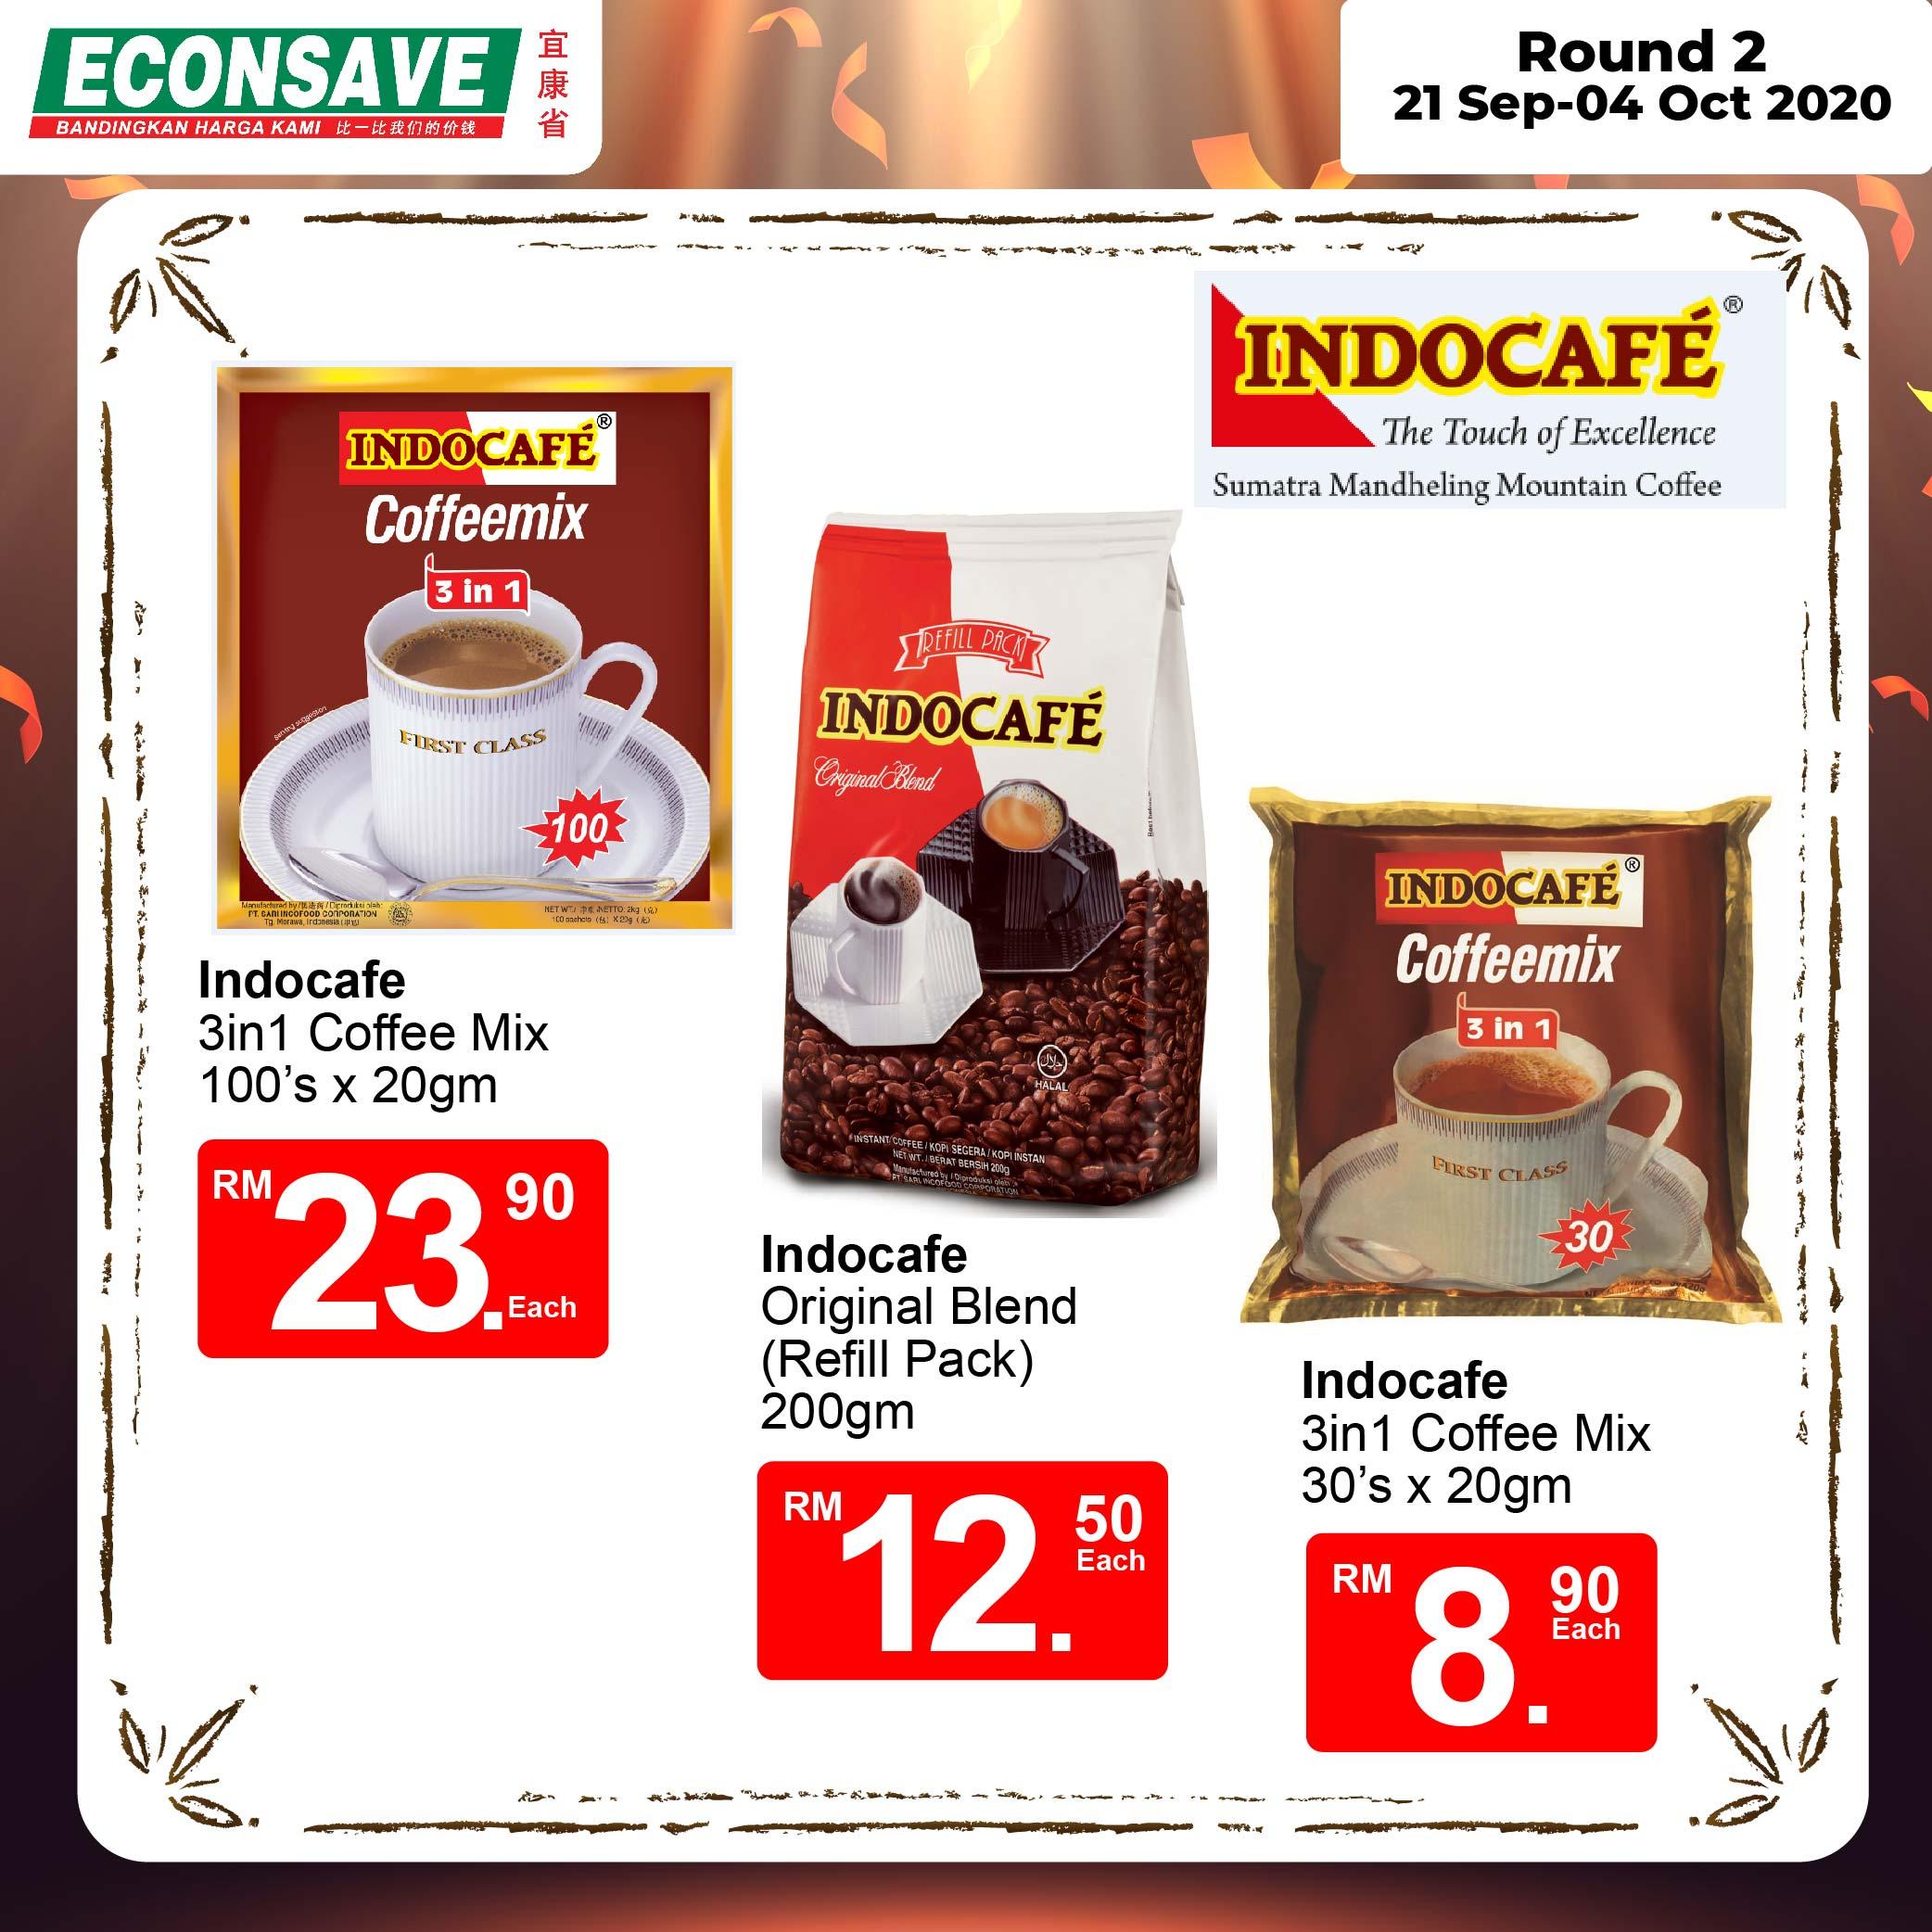 Evonsave Coffie Fair Contest ( ROUND 2 )-04